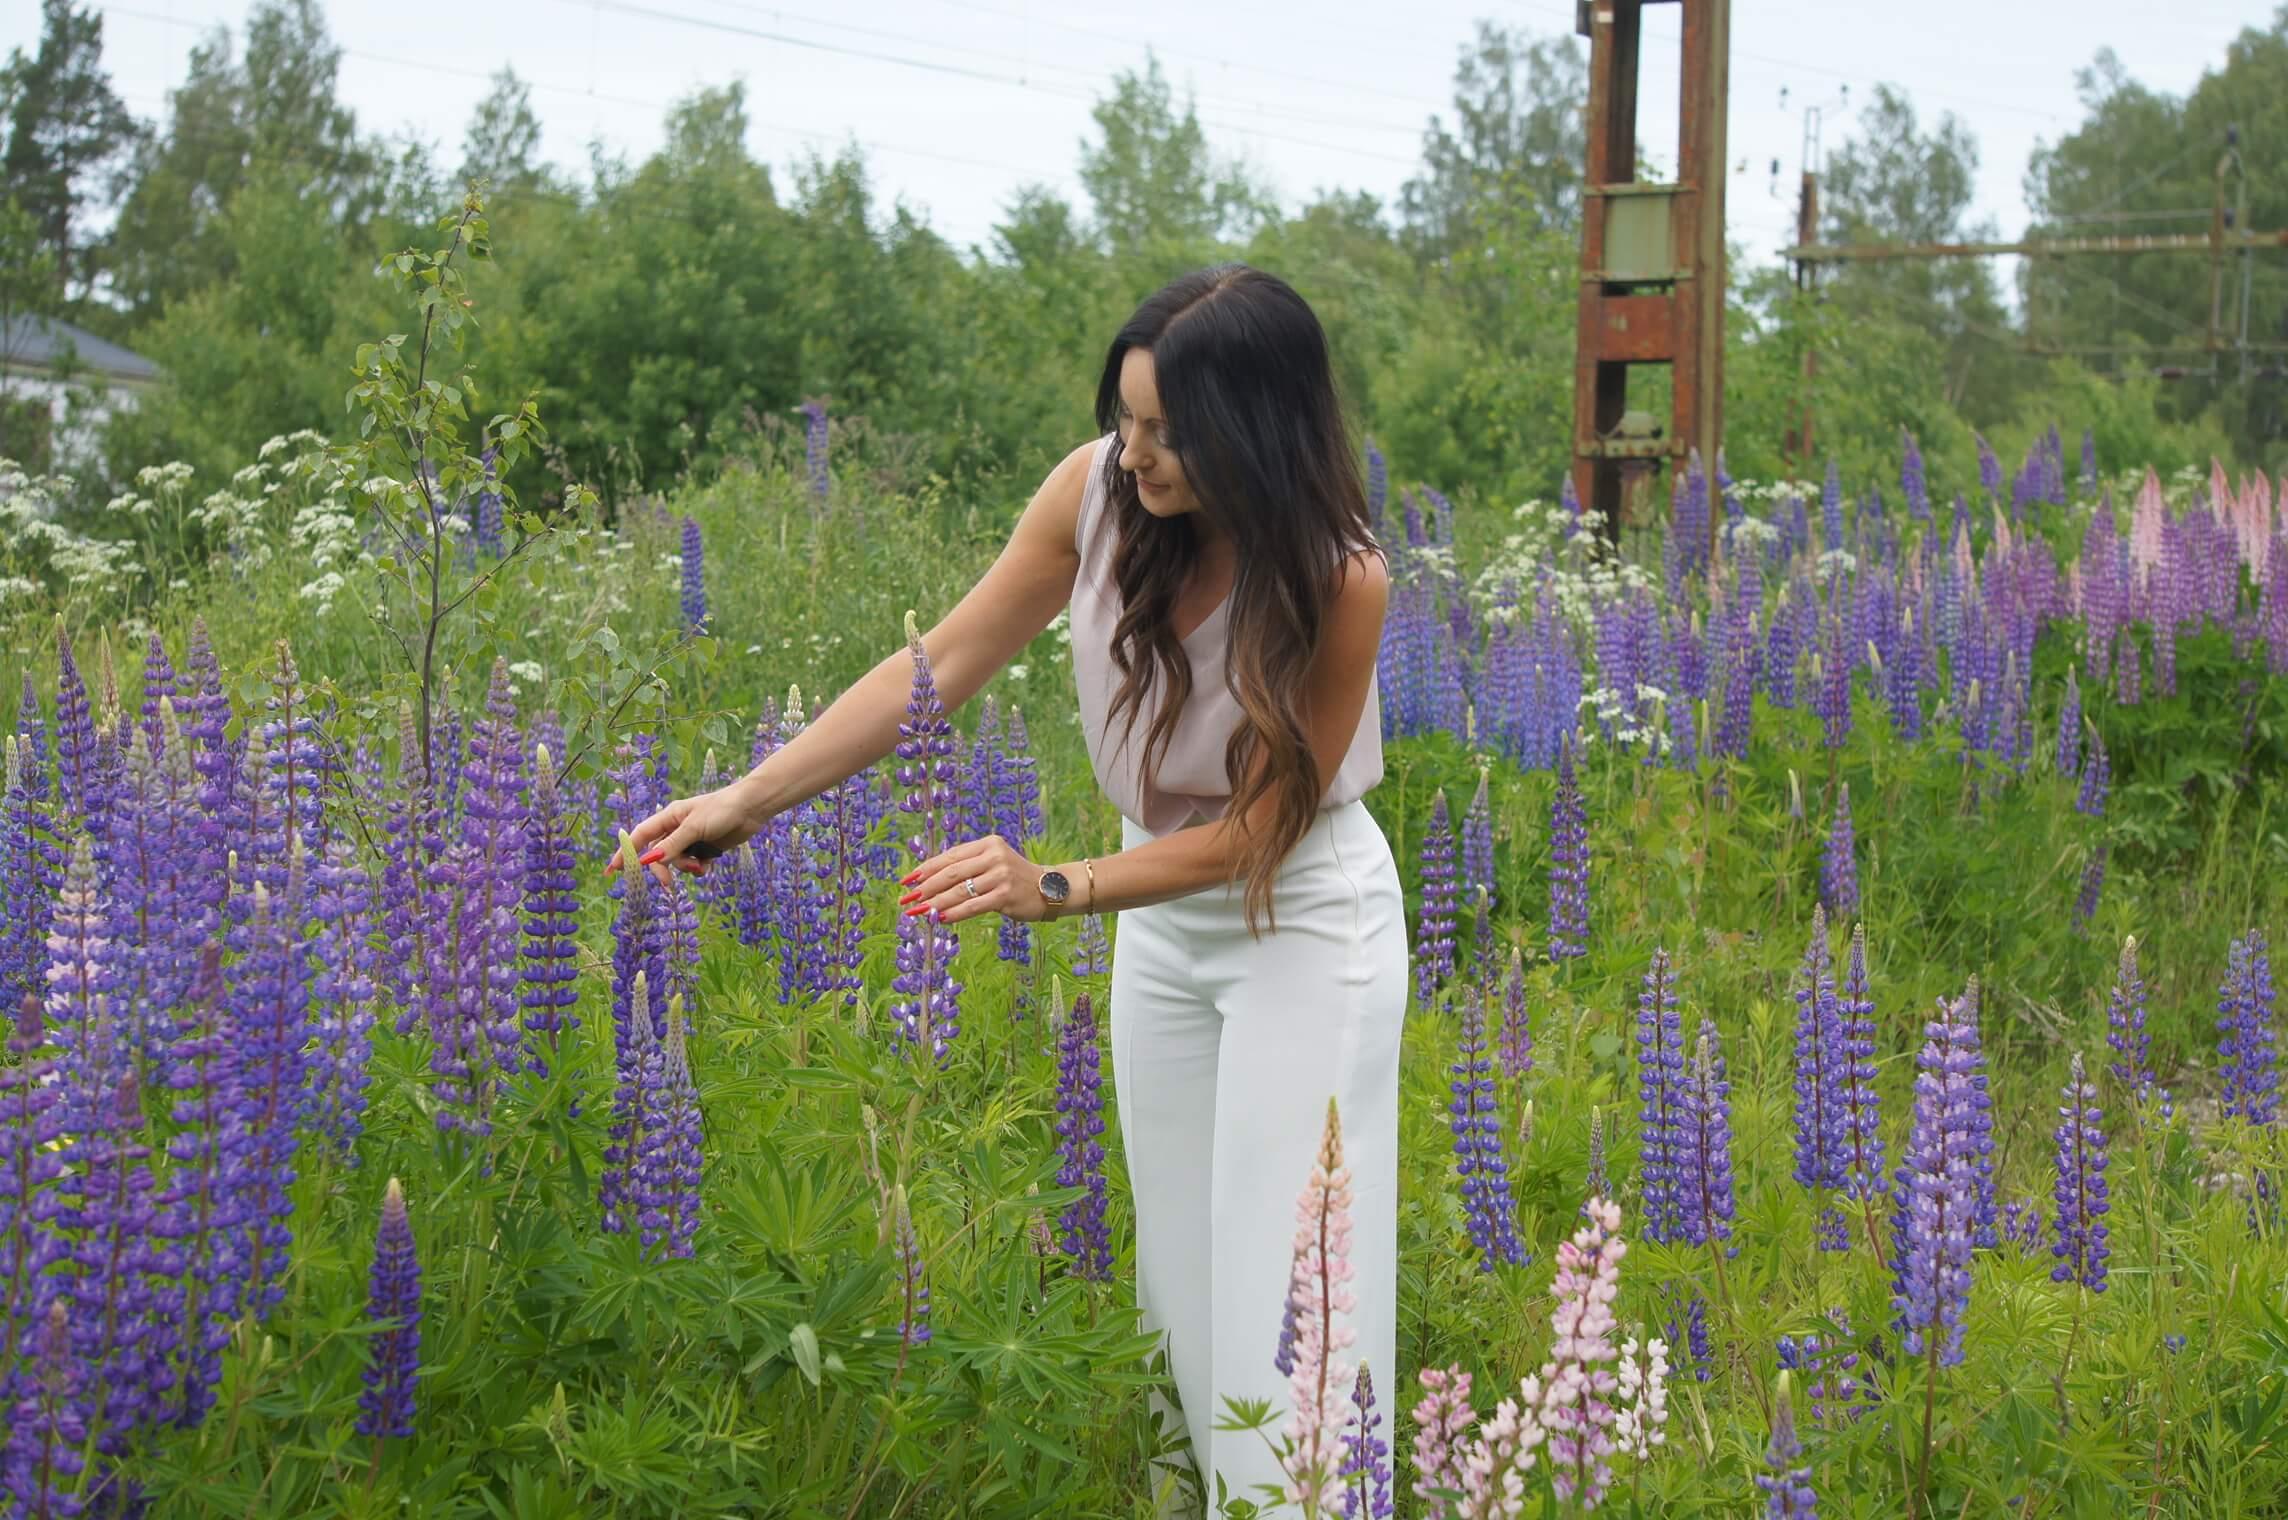 lupiner, dikesblommor, horndal, jobbresa, hav av blommor